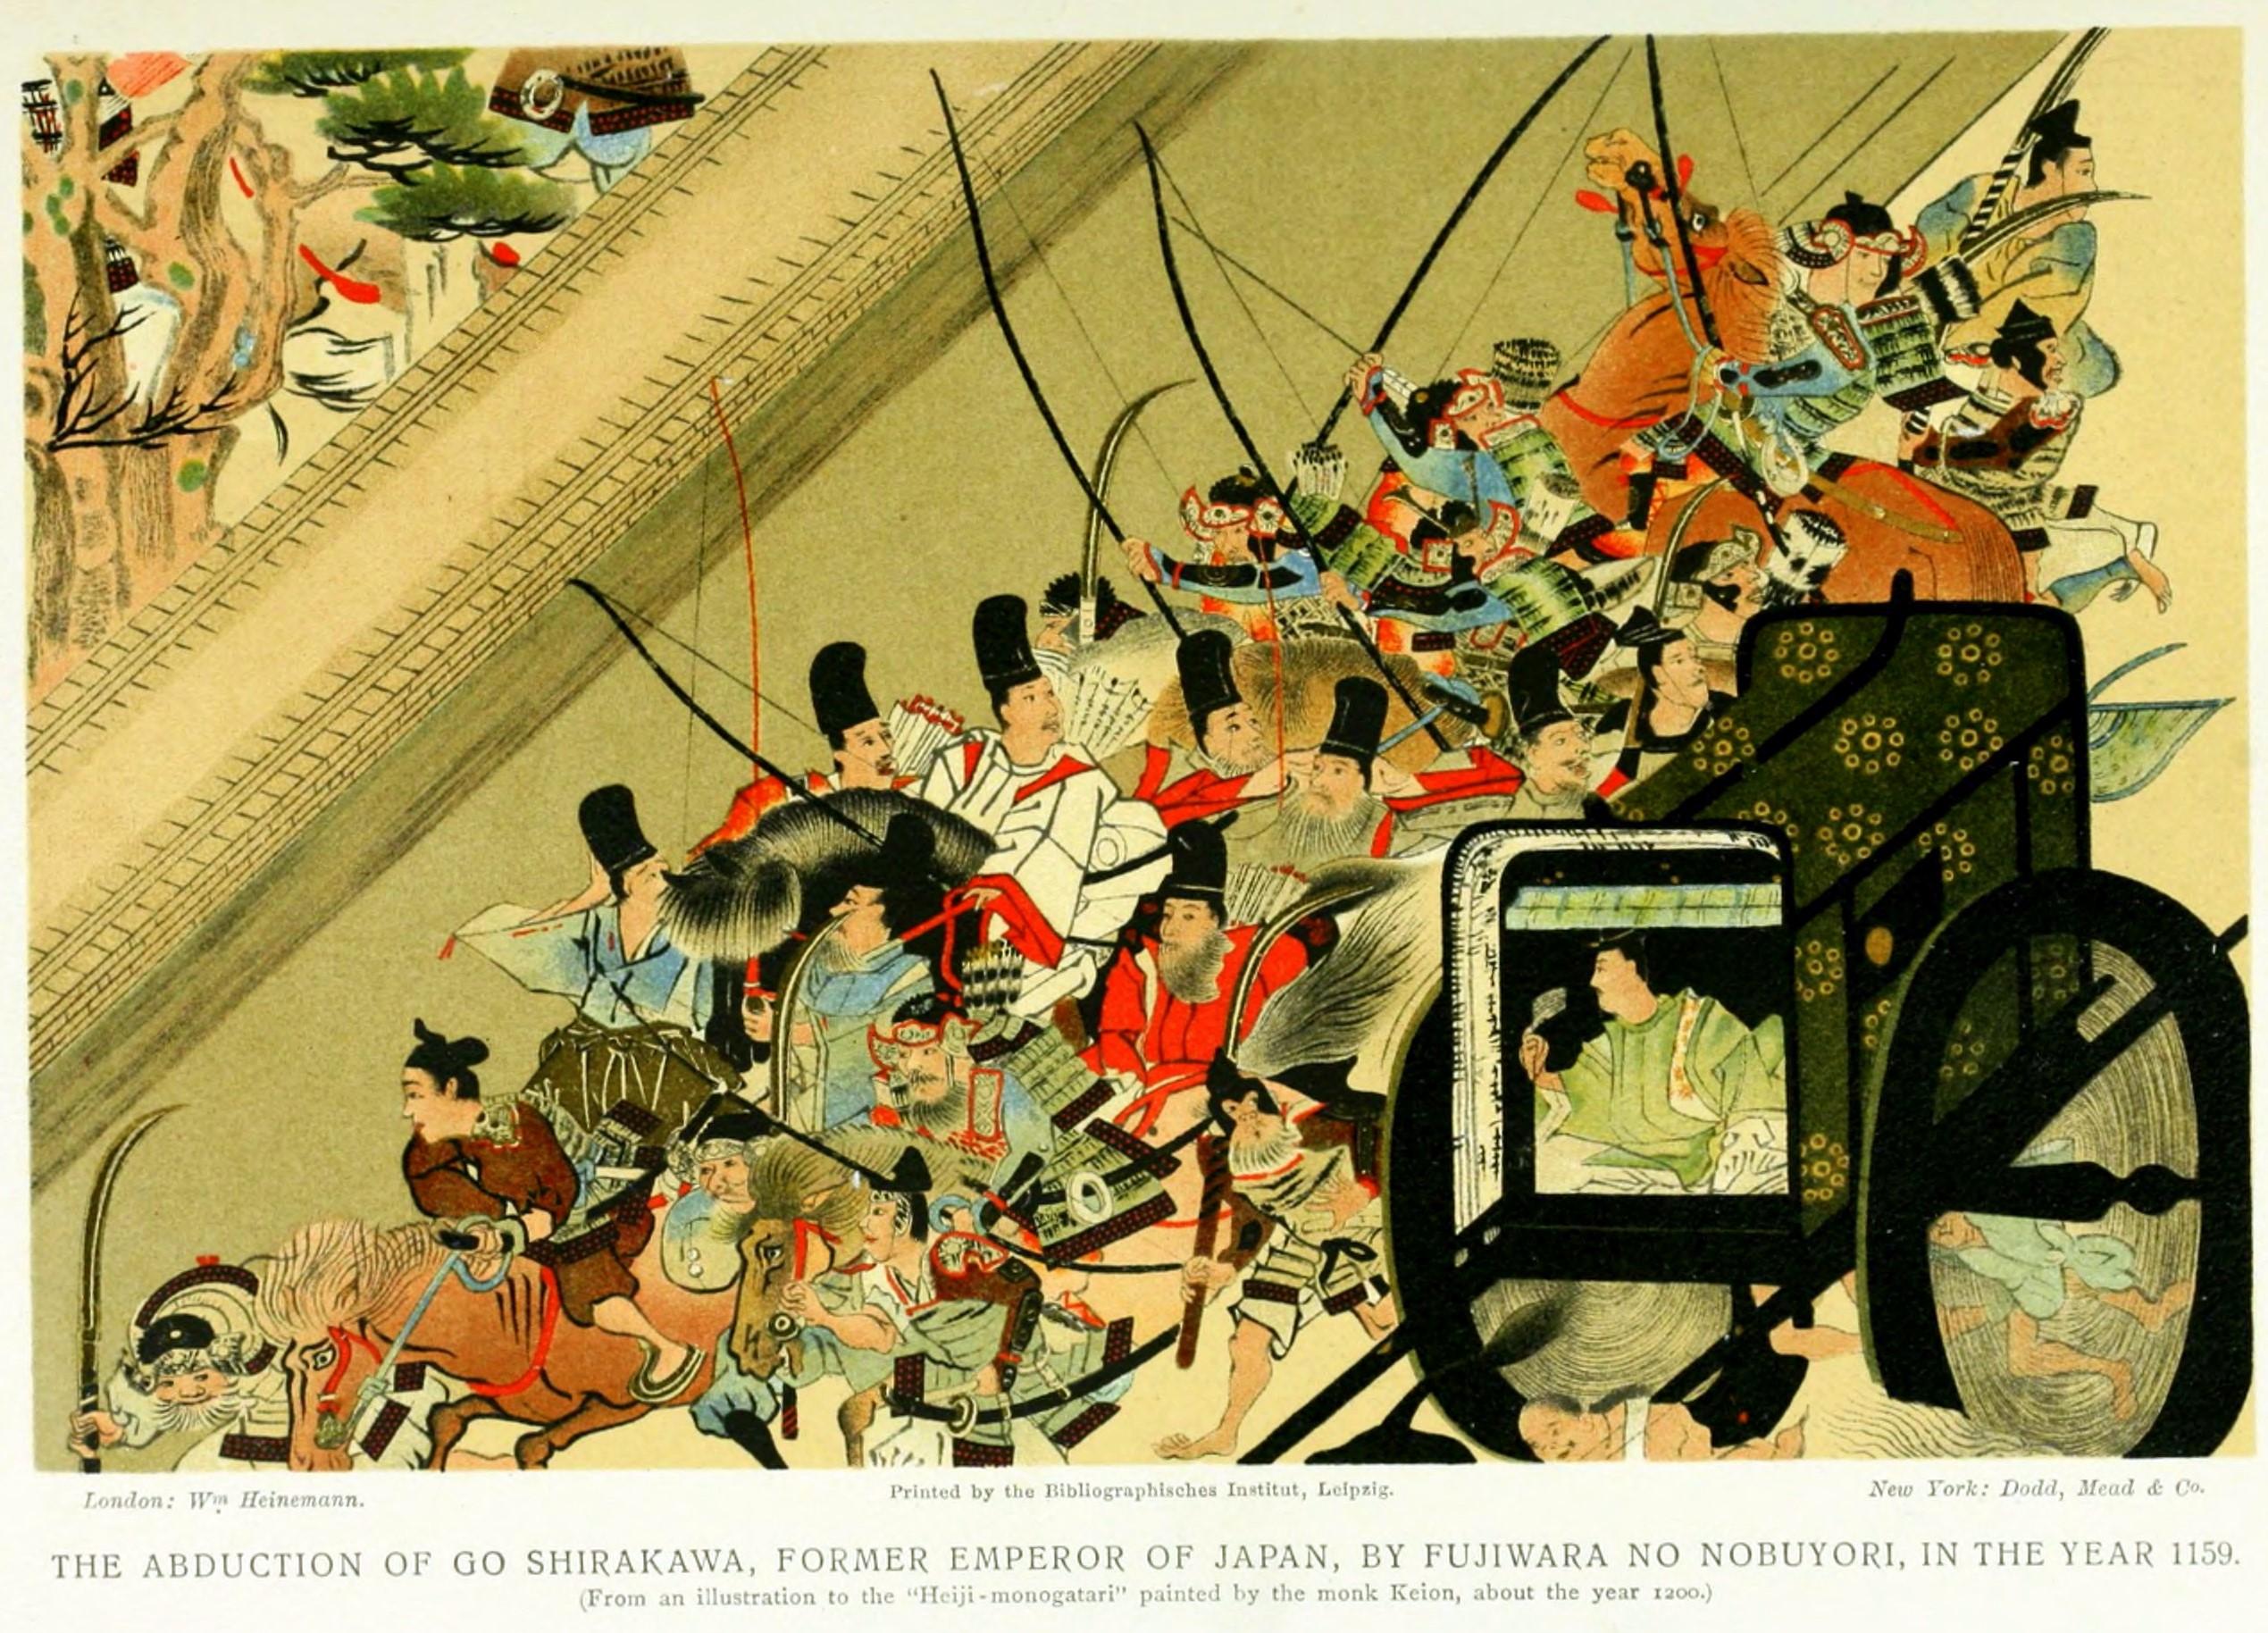 Secuestro del Emperador-retirado Go-Shirakawa por parte de Nobuyori en la rebelión de Heiji